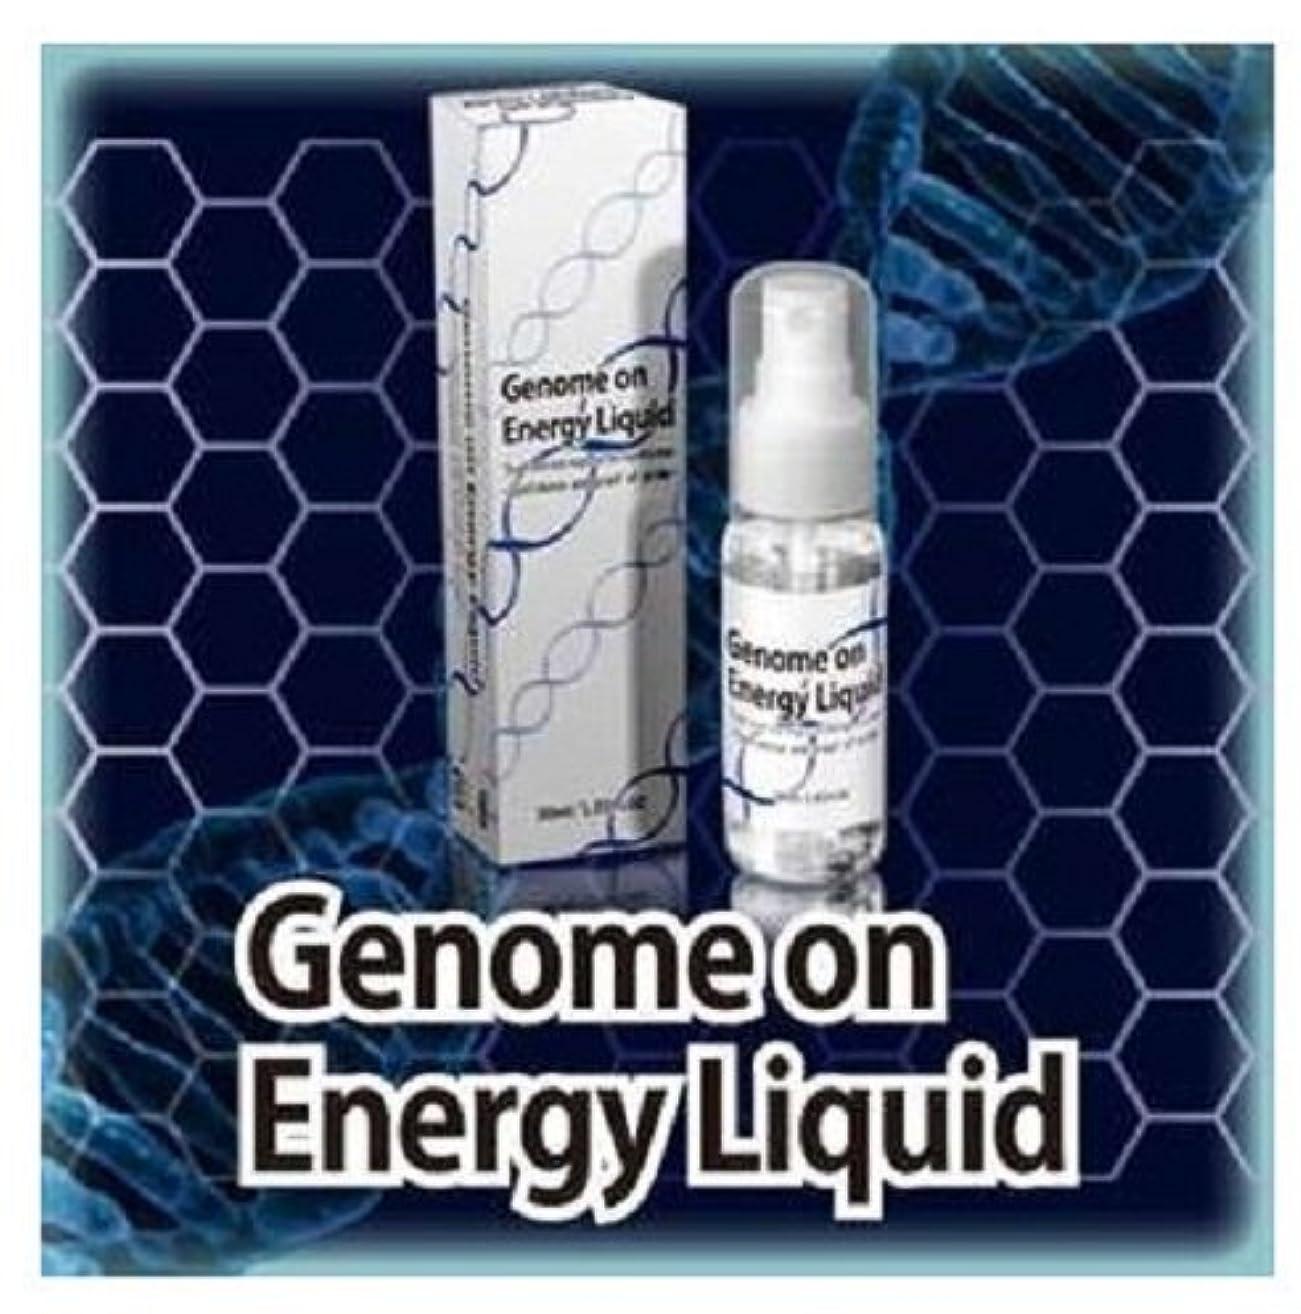 巨大な隠す最大限ゲノムオンエナジーリキッド Genome on Energy Liquid